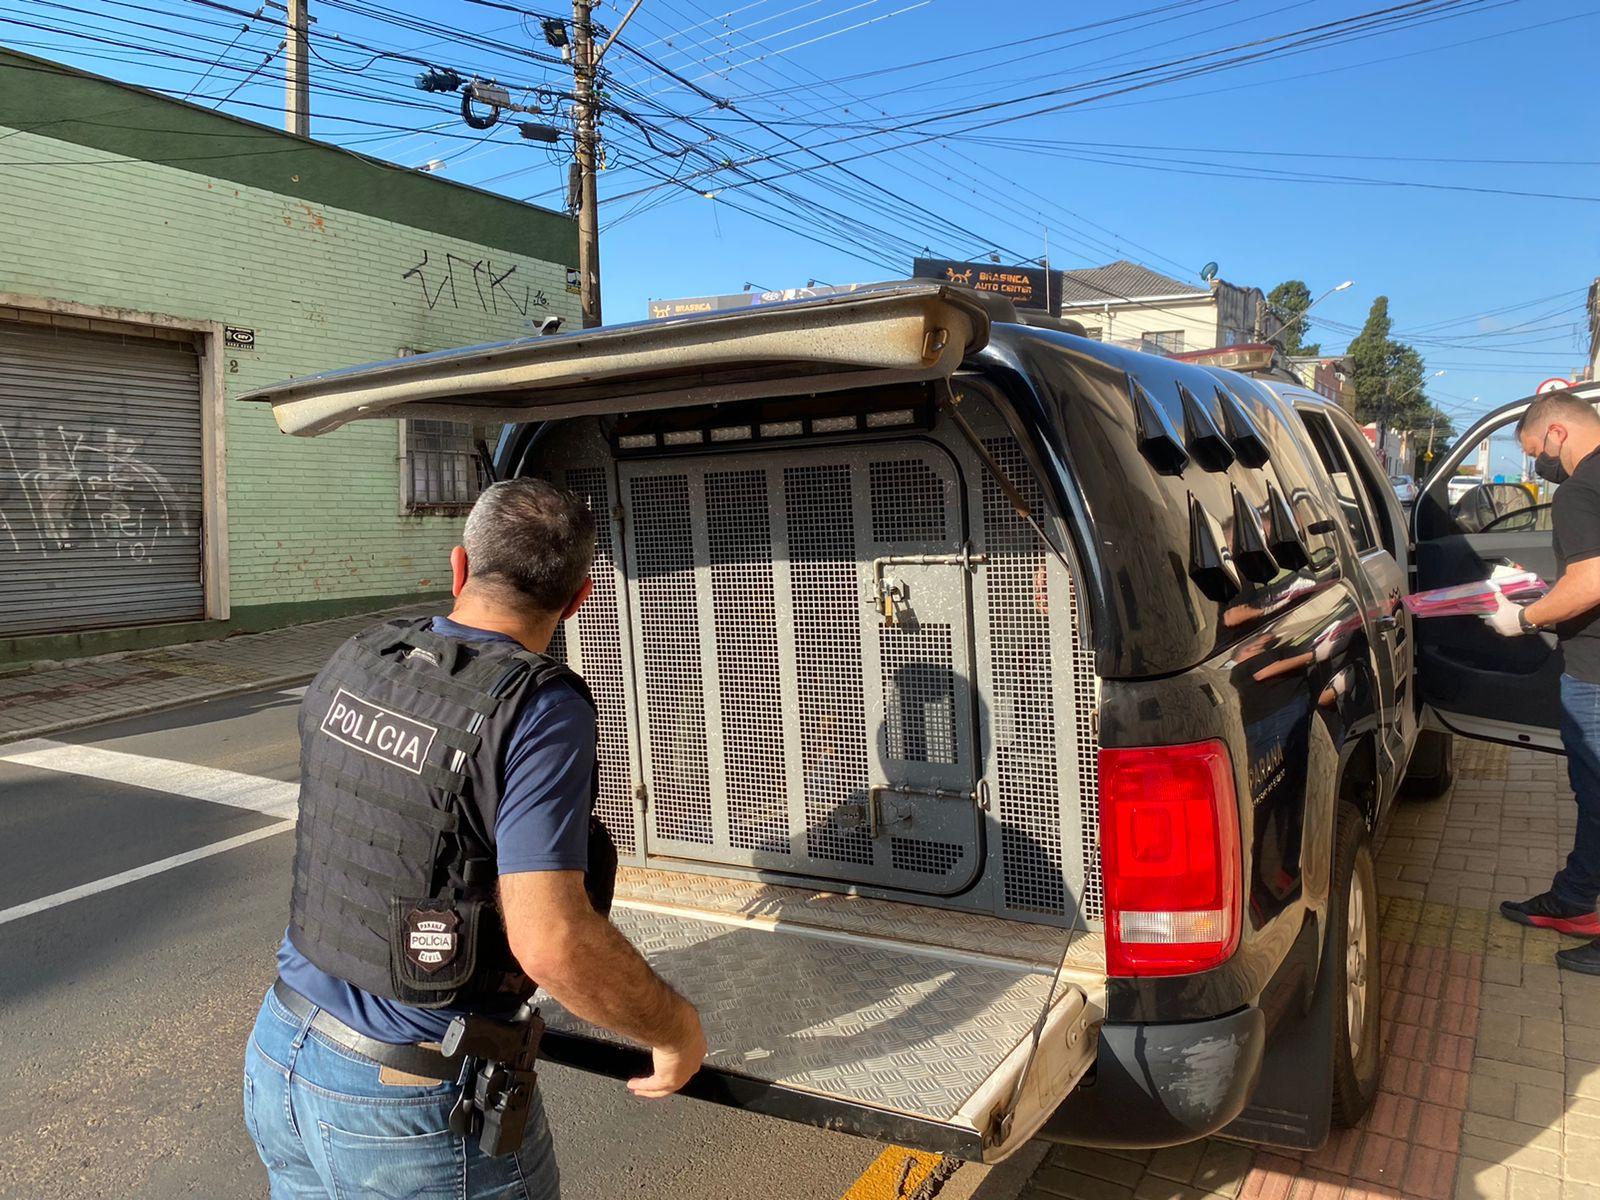 Polícia prende homem por tráfico de drogas e maus-tratos a animais